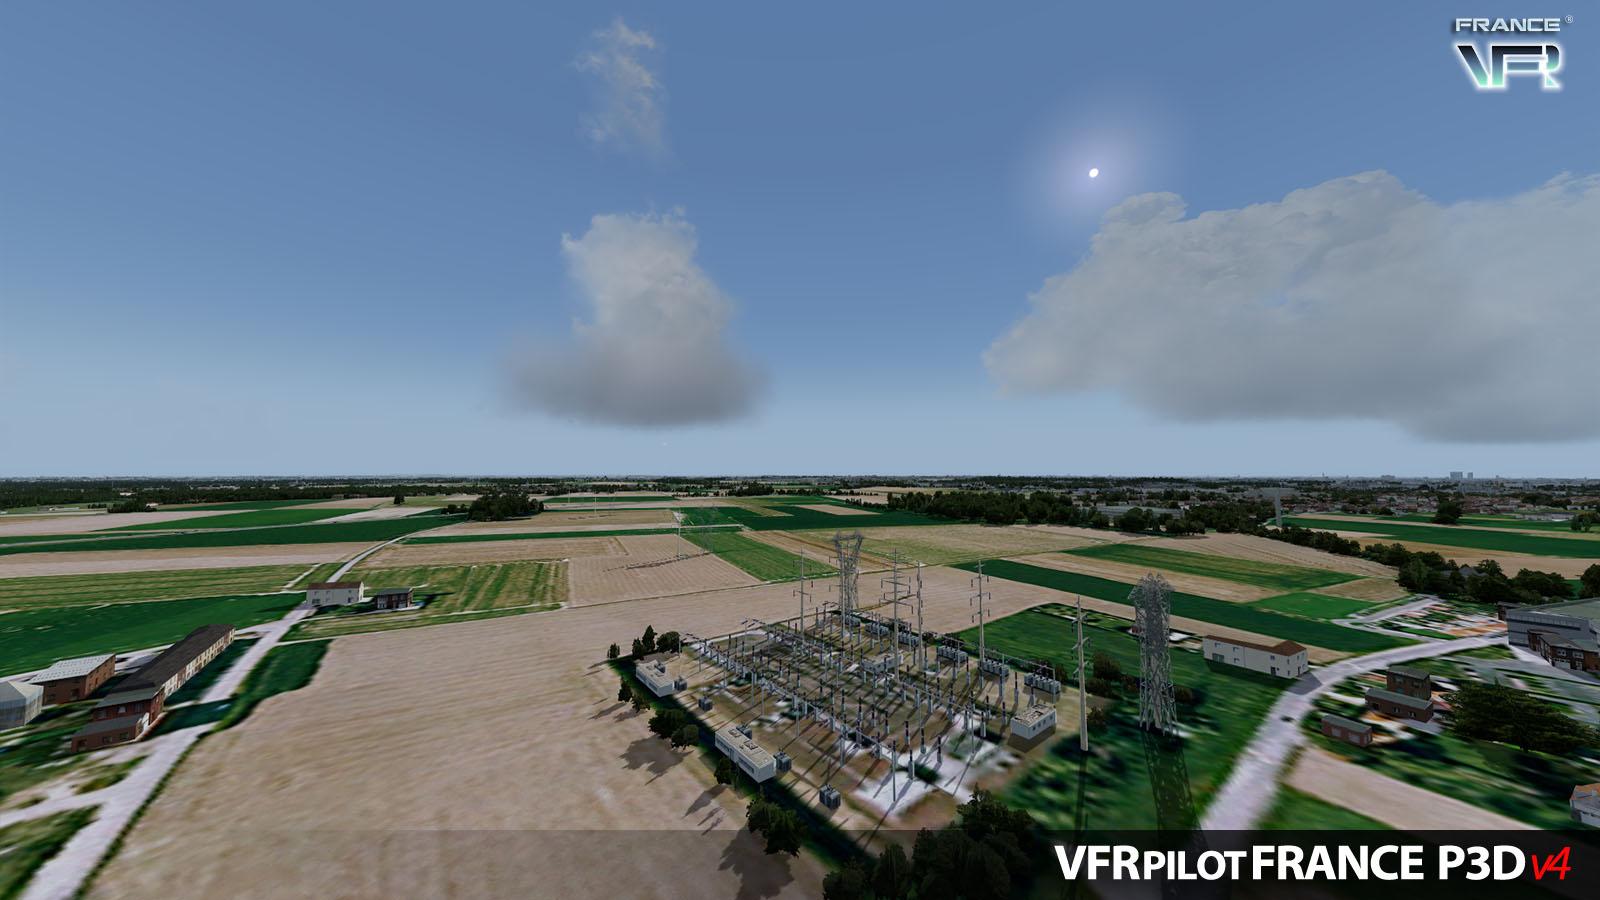 VFRFRAP3D_20